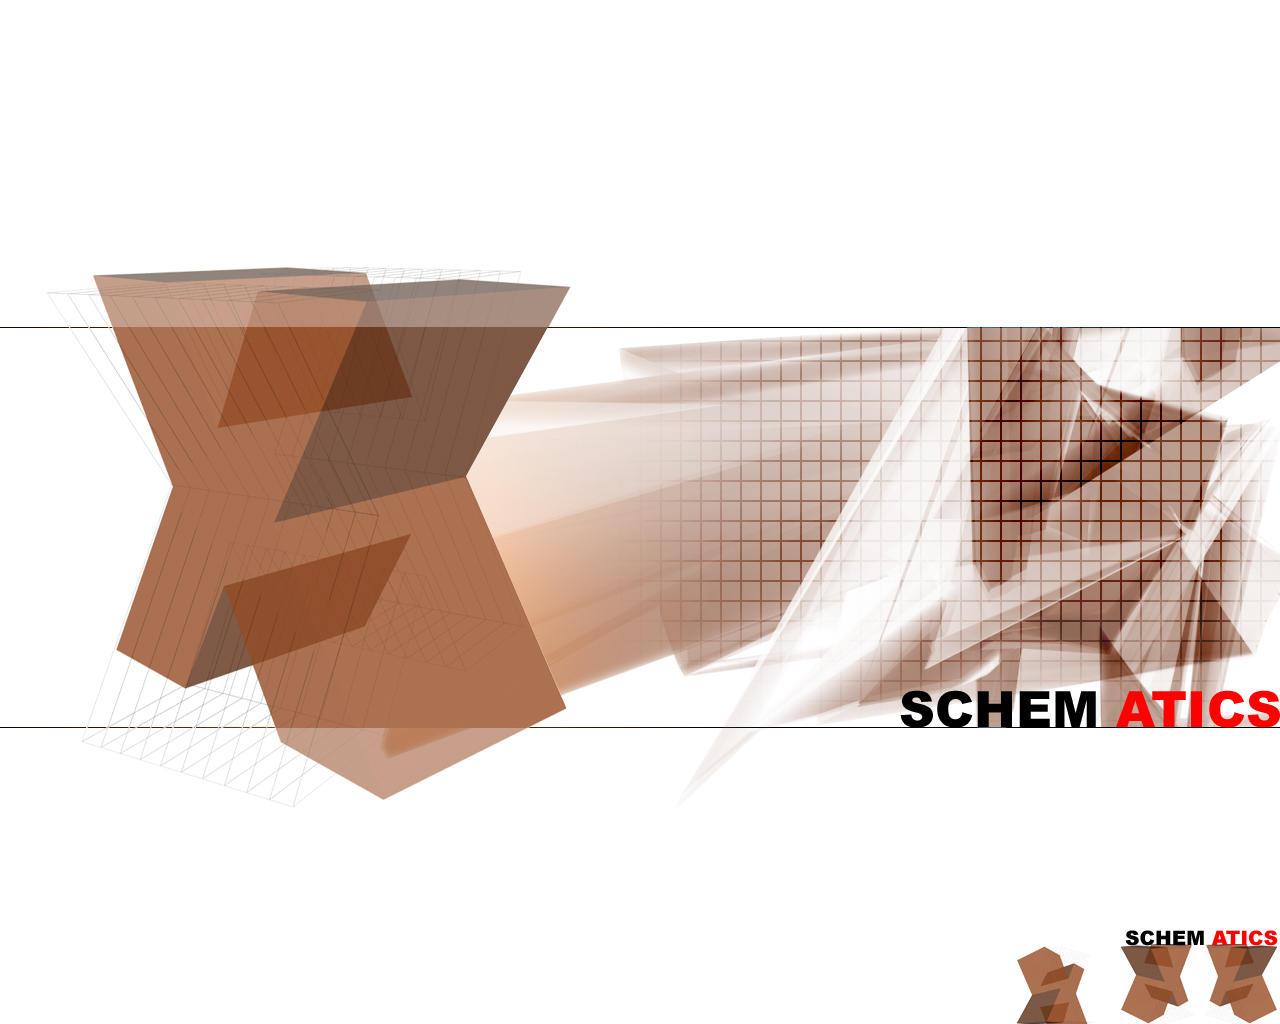 Schematics by aperson